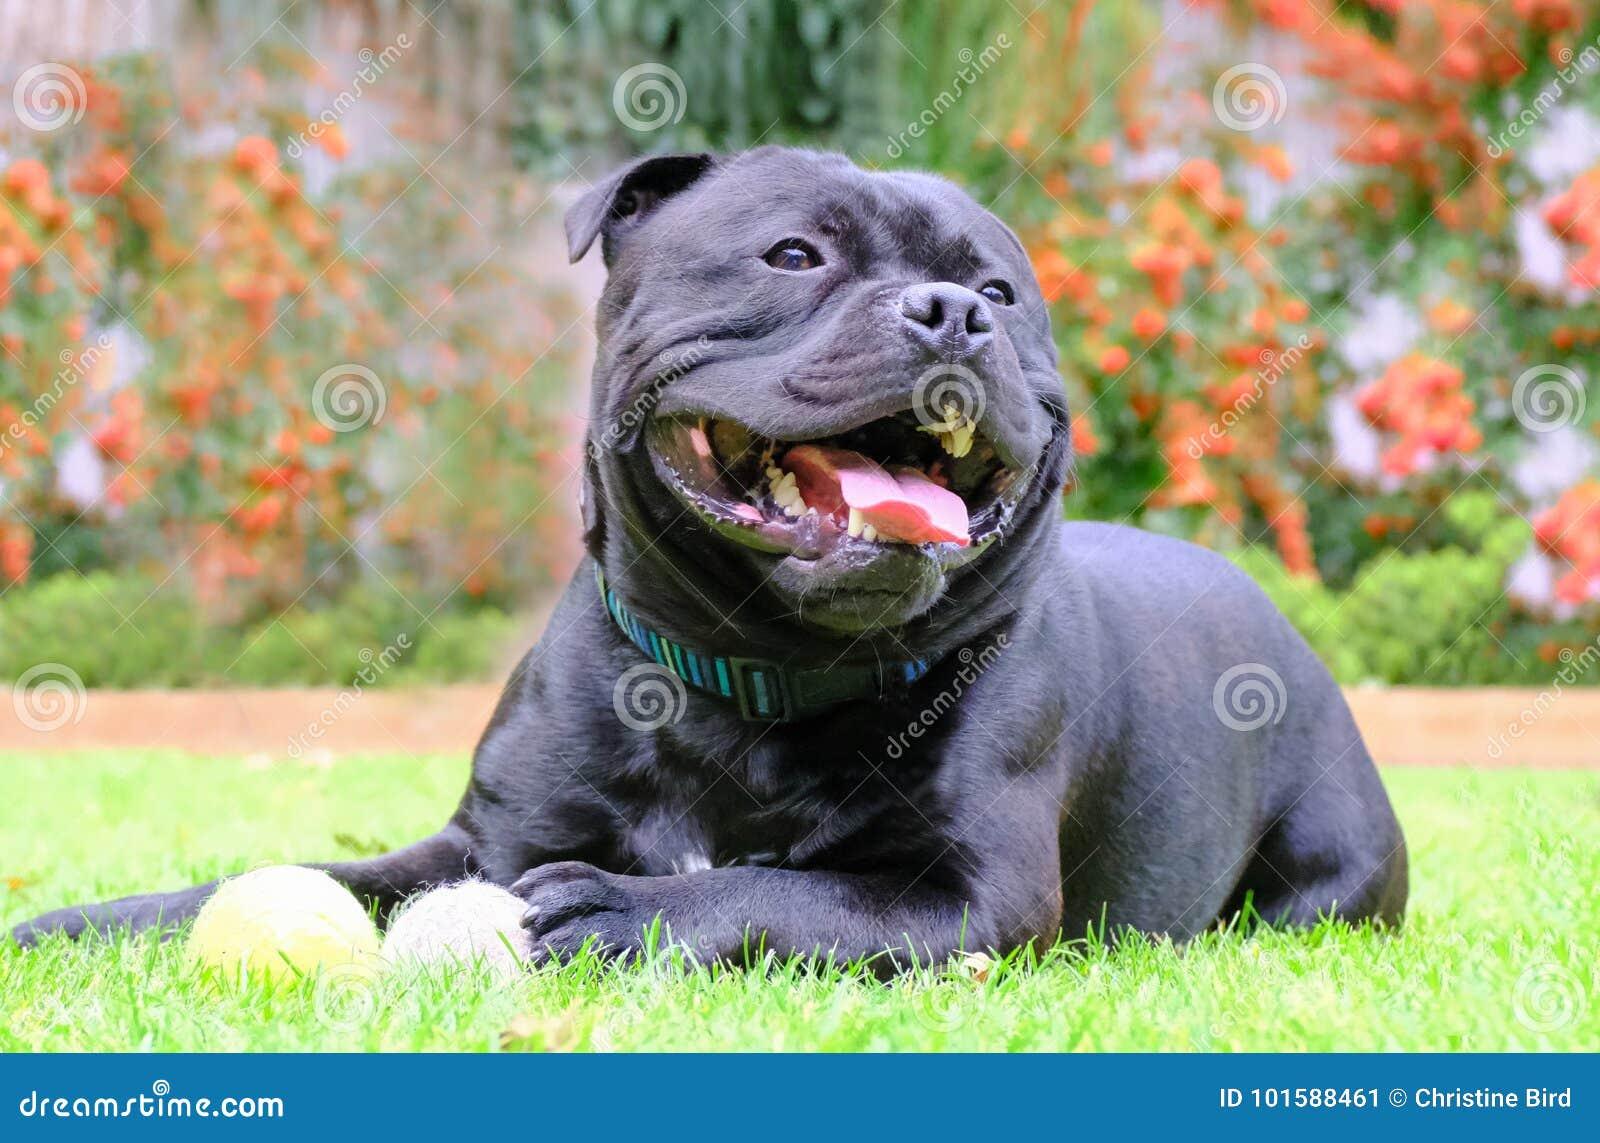 882c0f52c2f Staffordshire bull terrier zwarte hond die bij gras het spelen met  tennisballen liggen hij is gelukkig en ontspannen